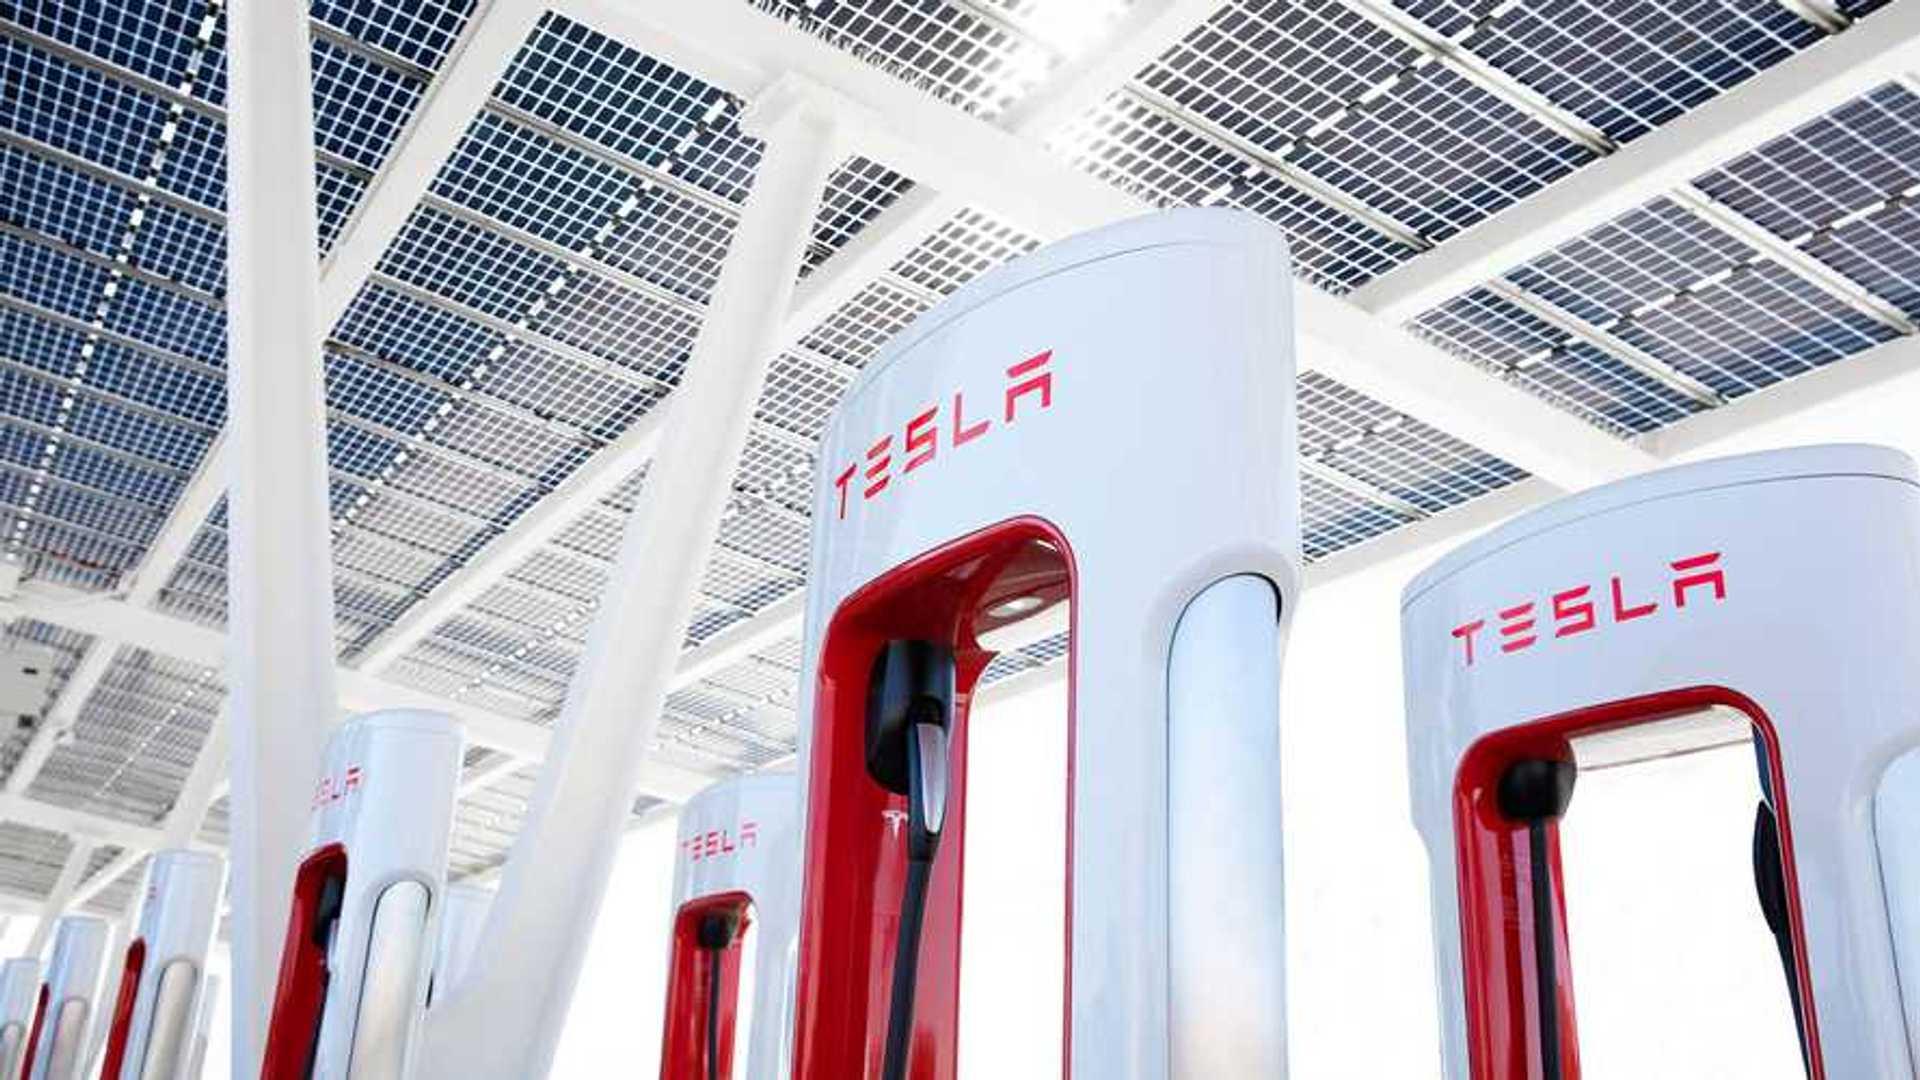 Tesla's Largest V3 Supercharging Station Coming To Santa Monica?